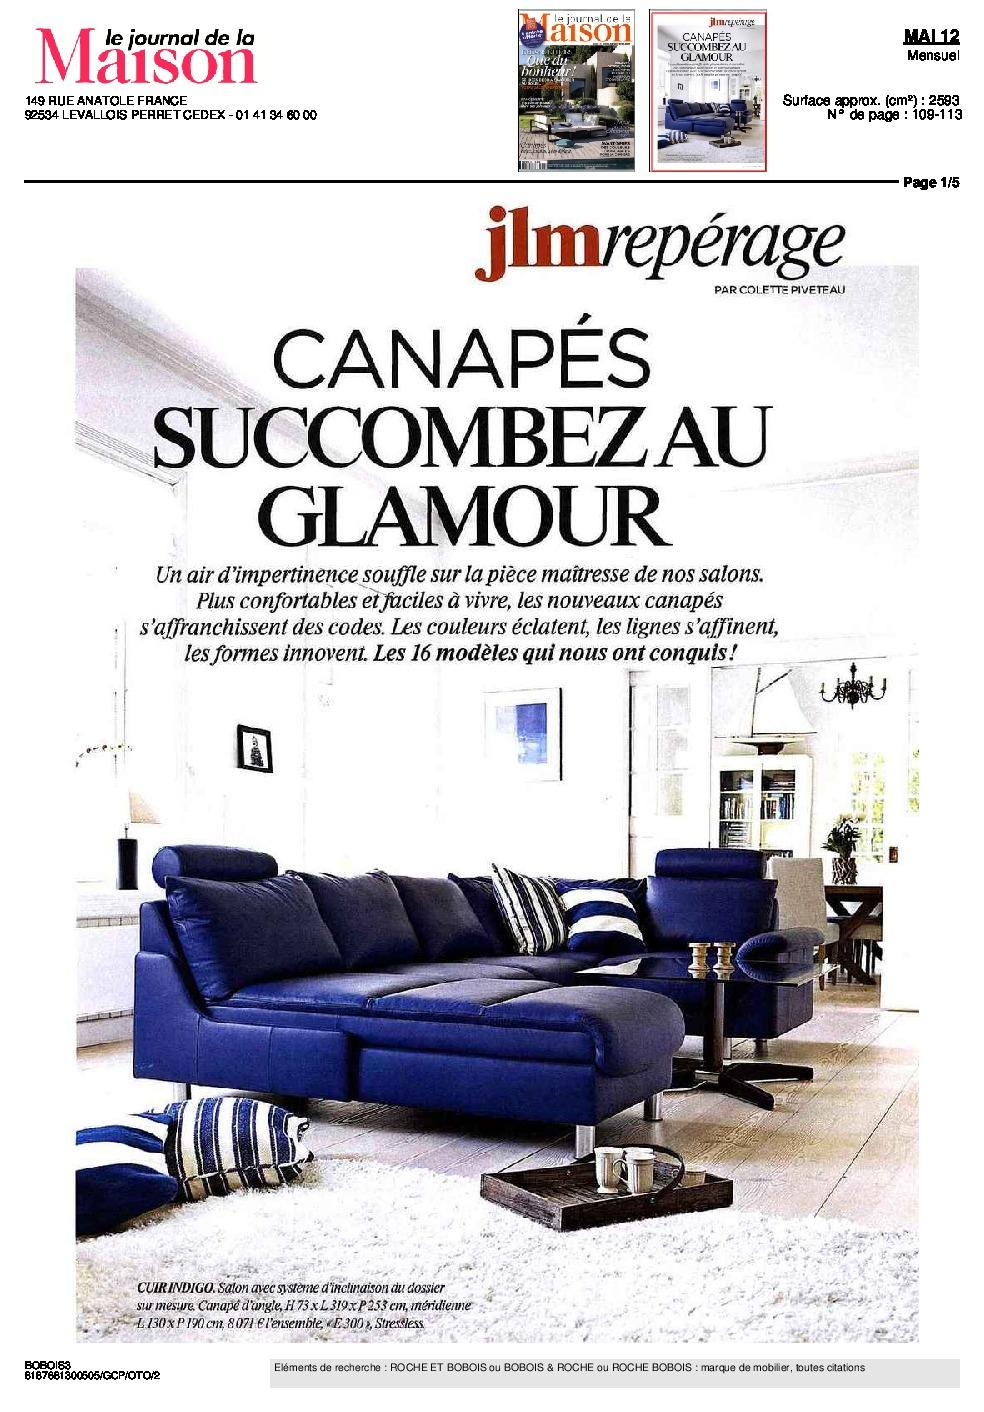 2012-04-04~1818@LE_JOURNAL_DE_LA_MAISON[infrarouge]-0